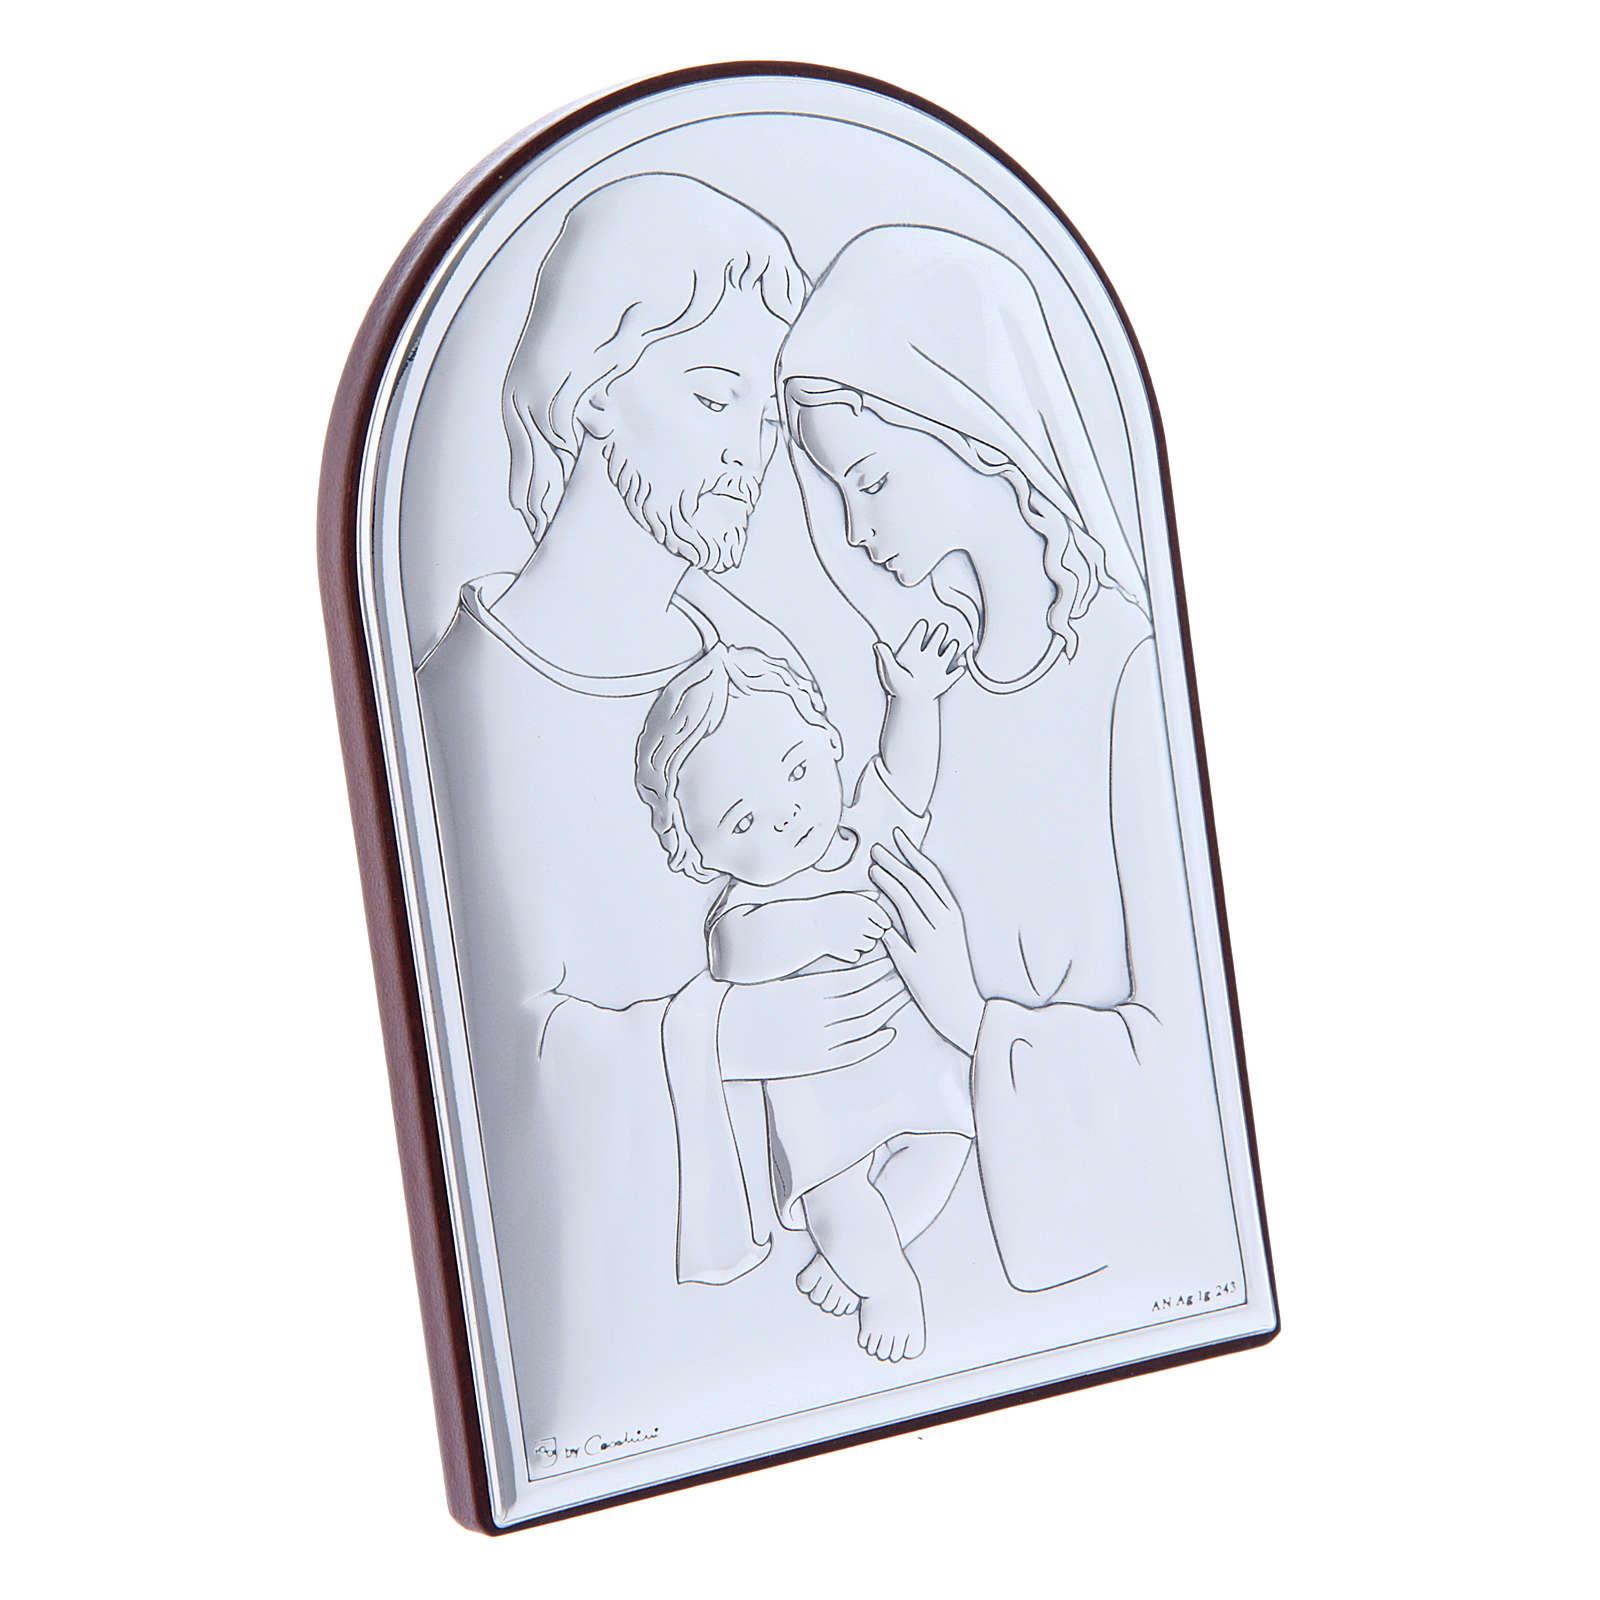 Quadro in bilaminato con retro in legno pregiato Sacra Famiglia 12X8 cm 4